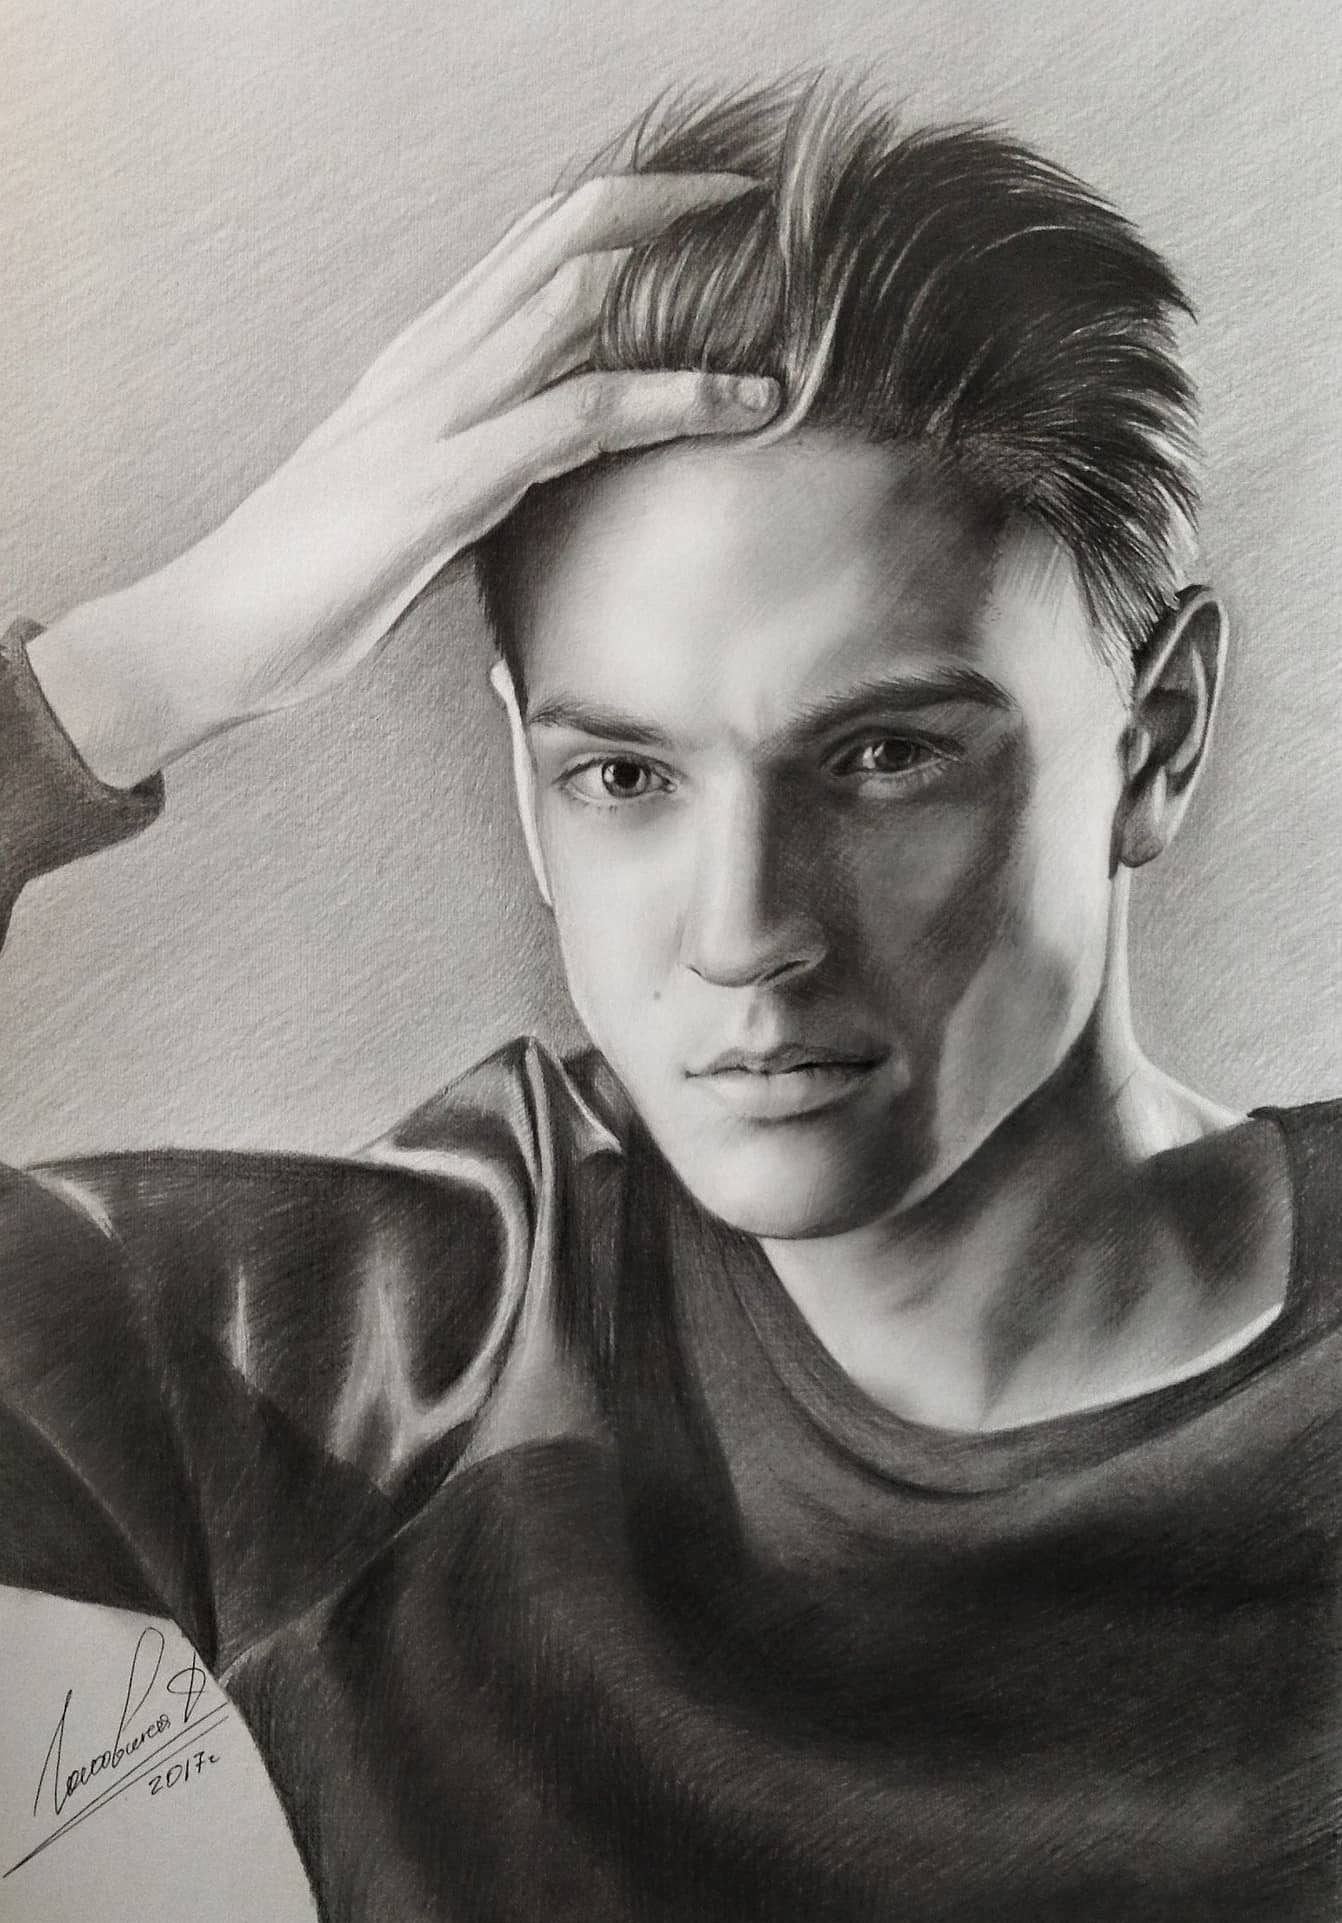 Портрет музыканта Андрея Леницкого